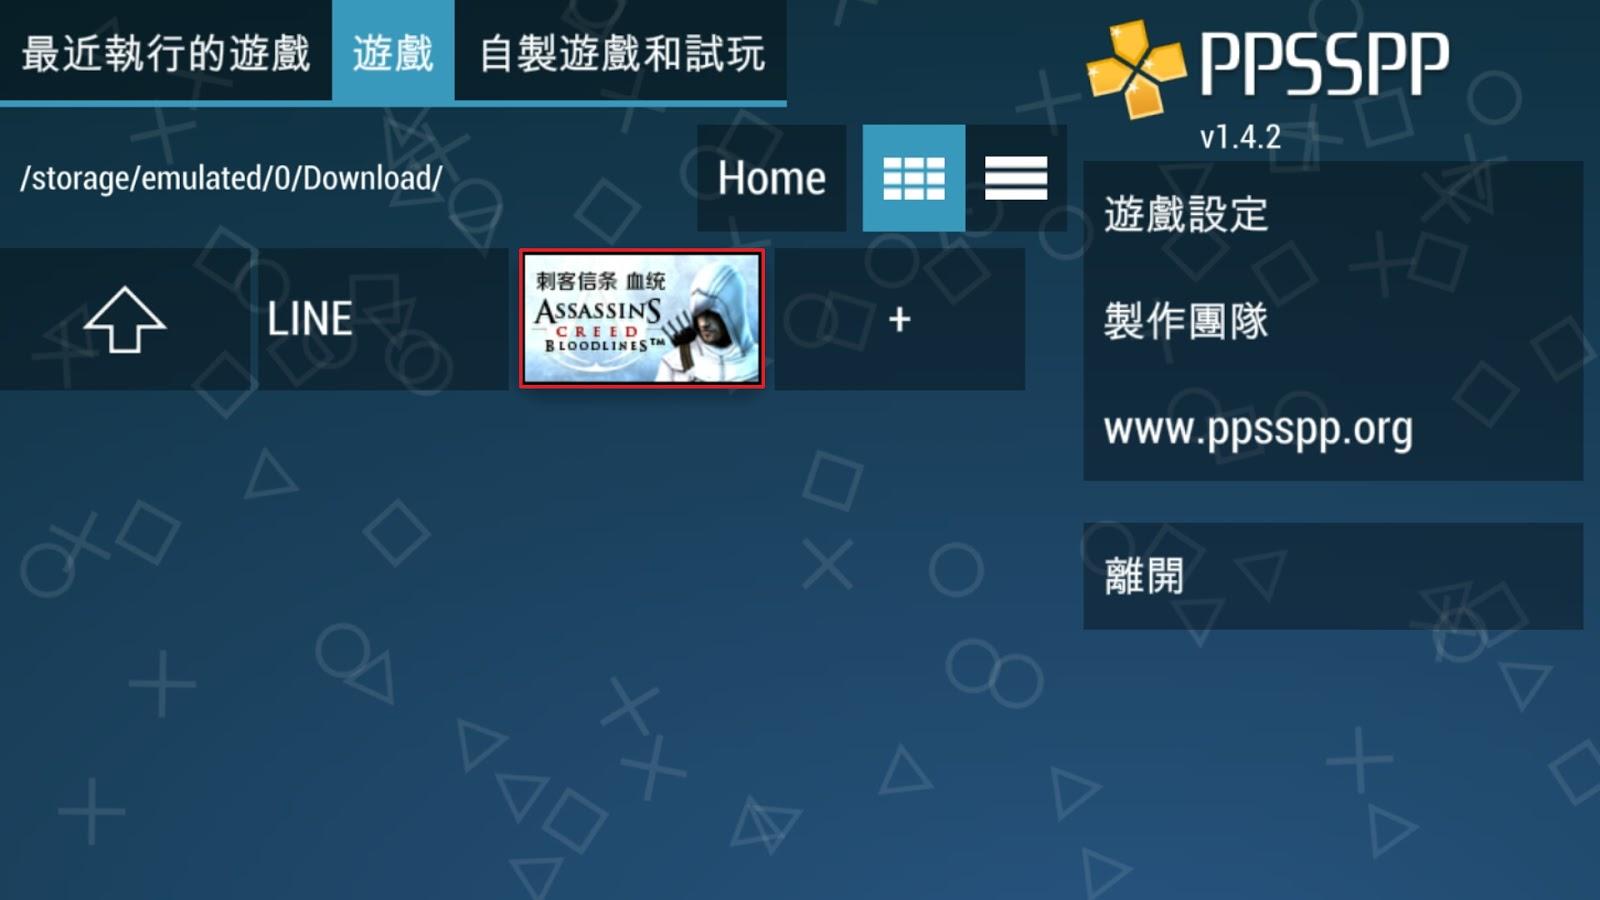 《手機PSP模擬器》PPSSPP Gold v1.4.2.0 在手機上也能玩PSP遊戲! | 妖精的號角